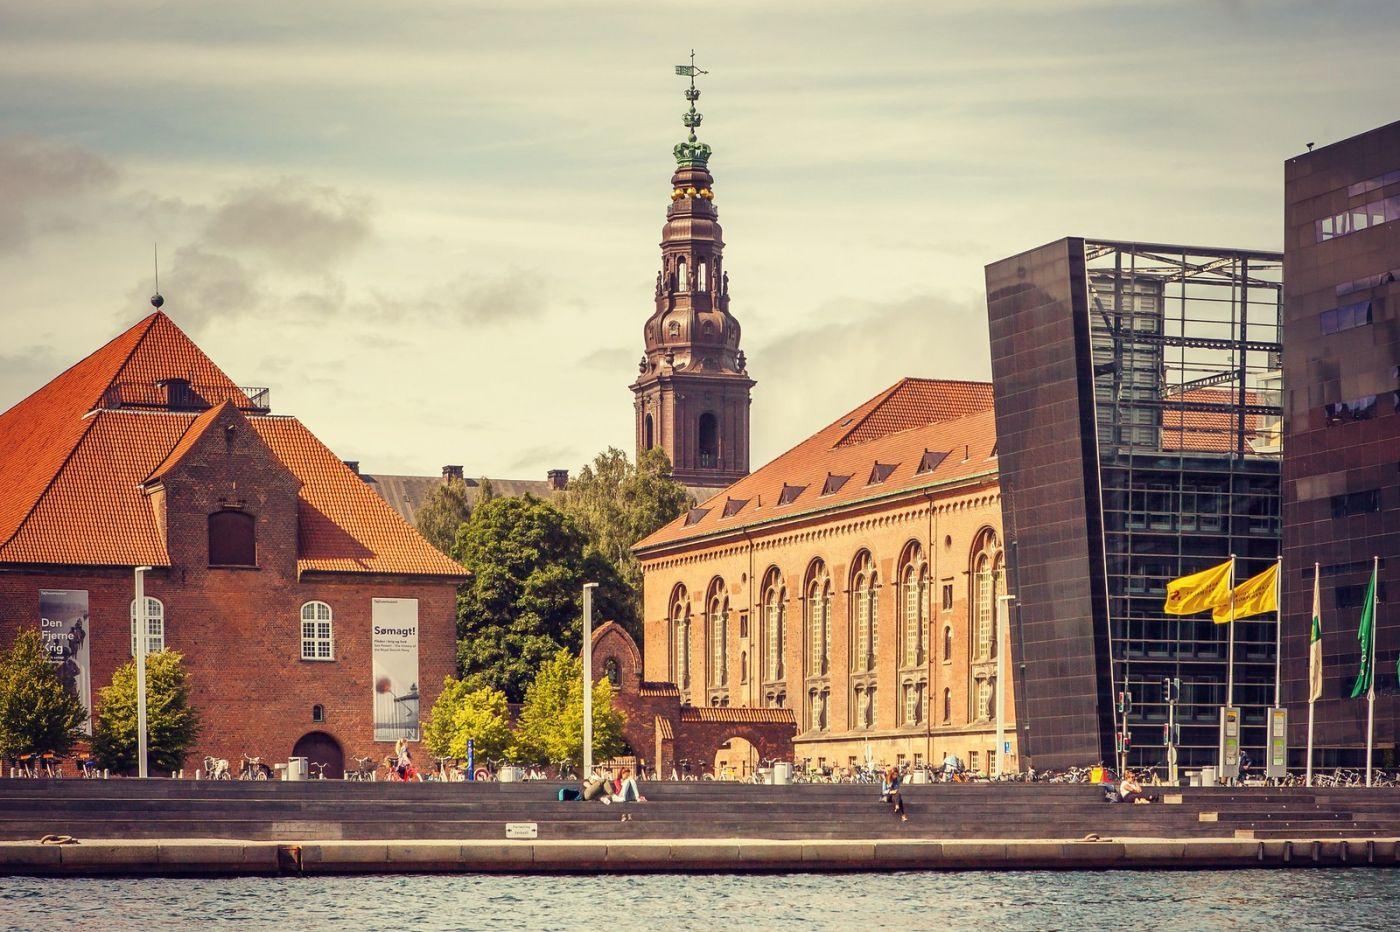 丹麦哥本哈根,新旧融合的城市_图1-7